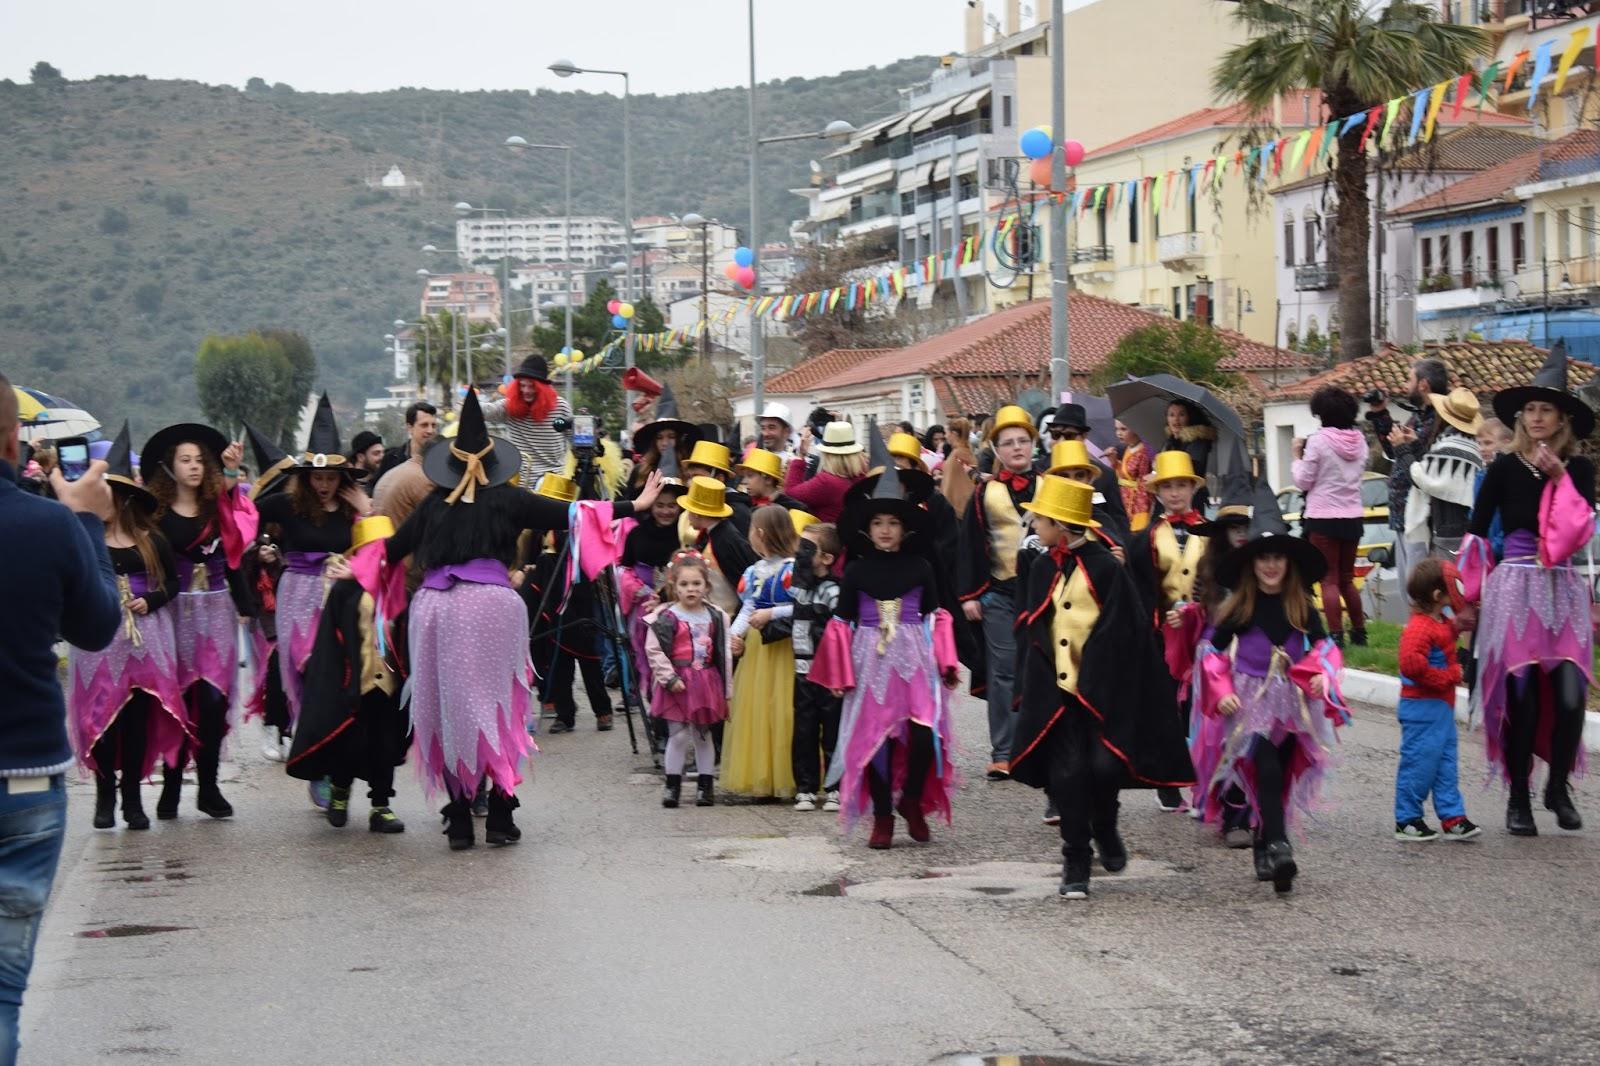 Εικόνες από το καρναβάλι της Αμφιλοχίας